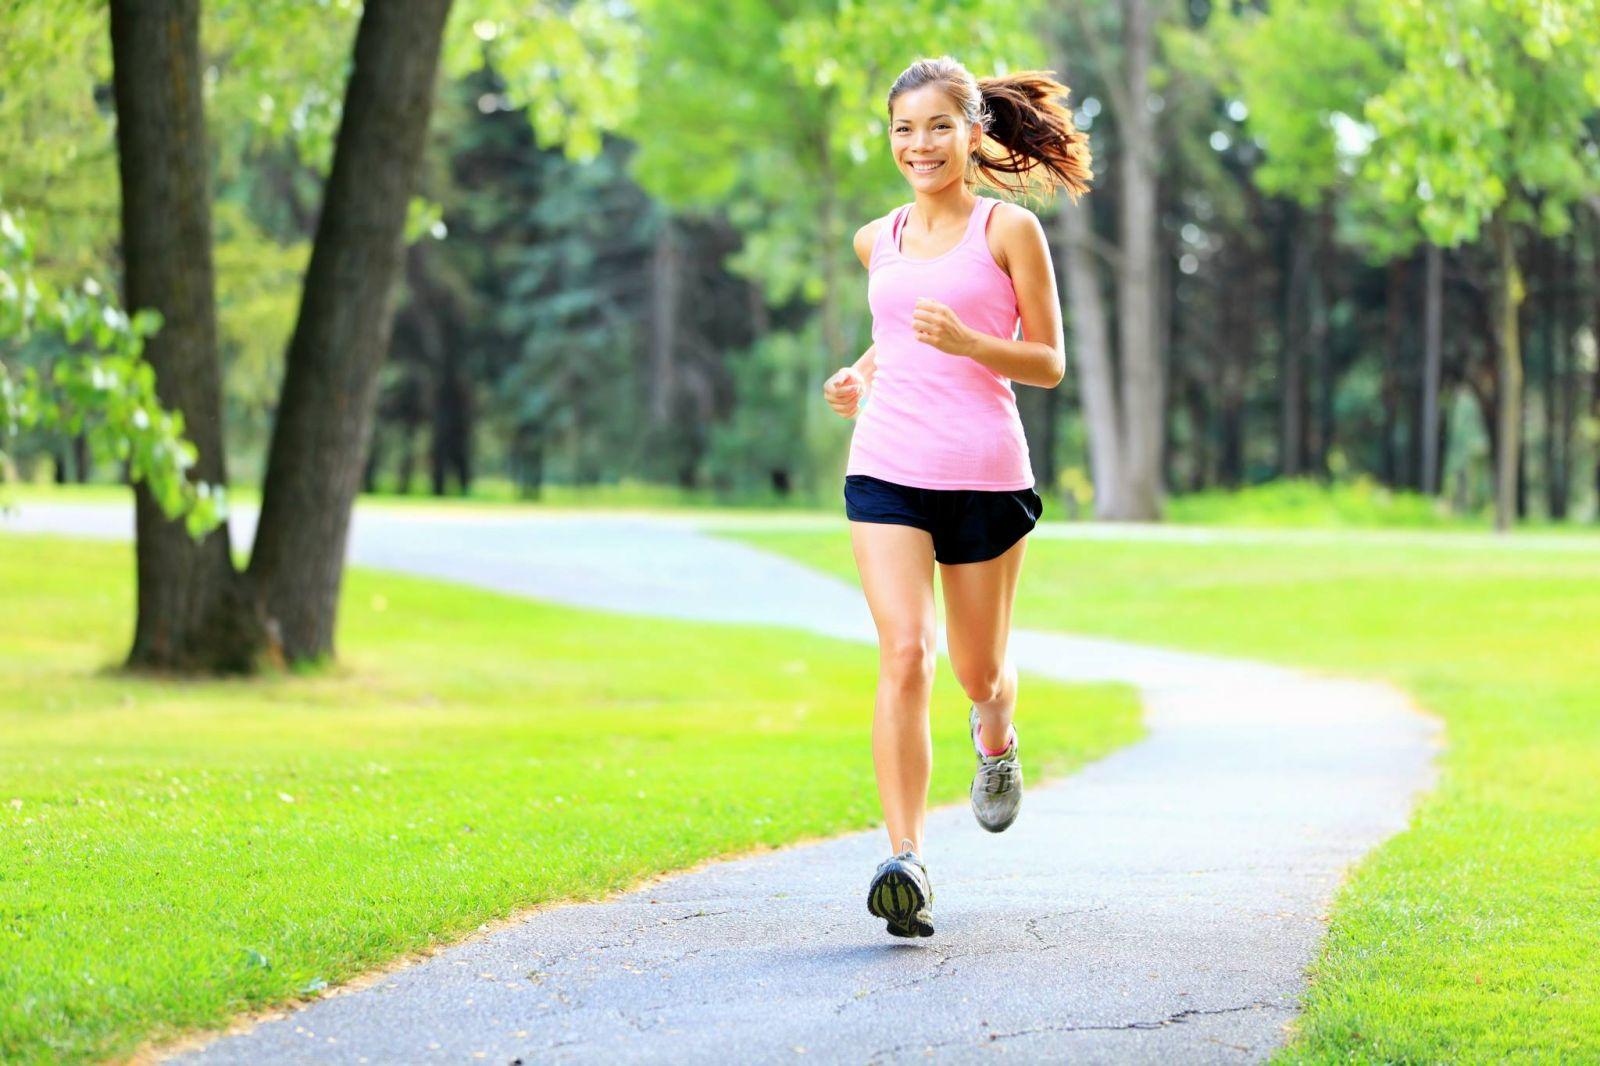 thien chay bo Làm đủ 8 điều này mỗi ngày, bất kể già hay trẻ cũng không phải lo bệnh tật